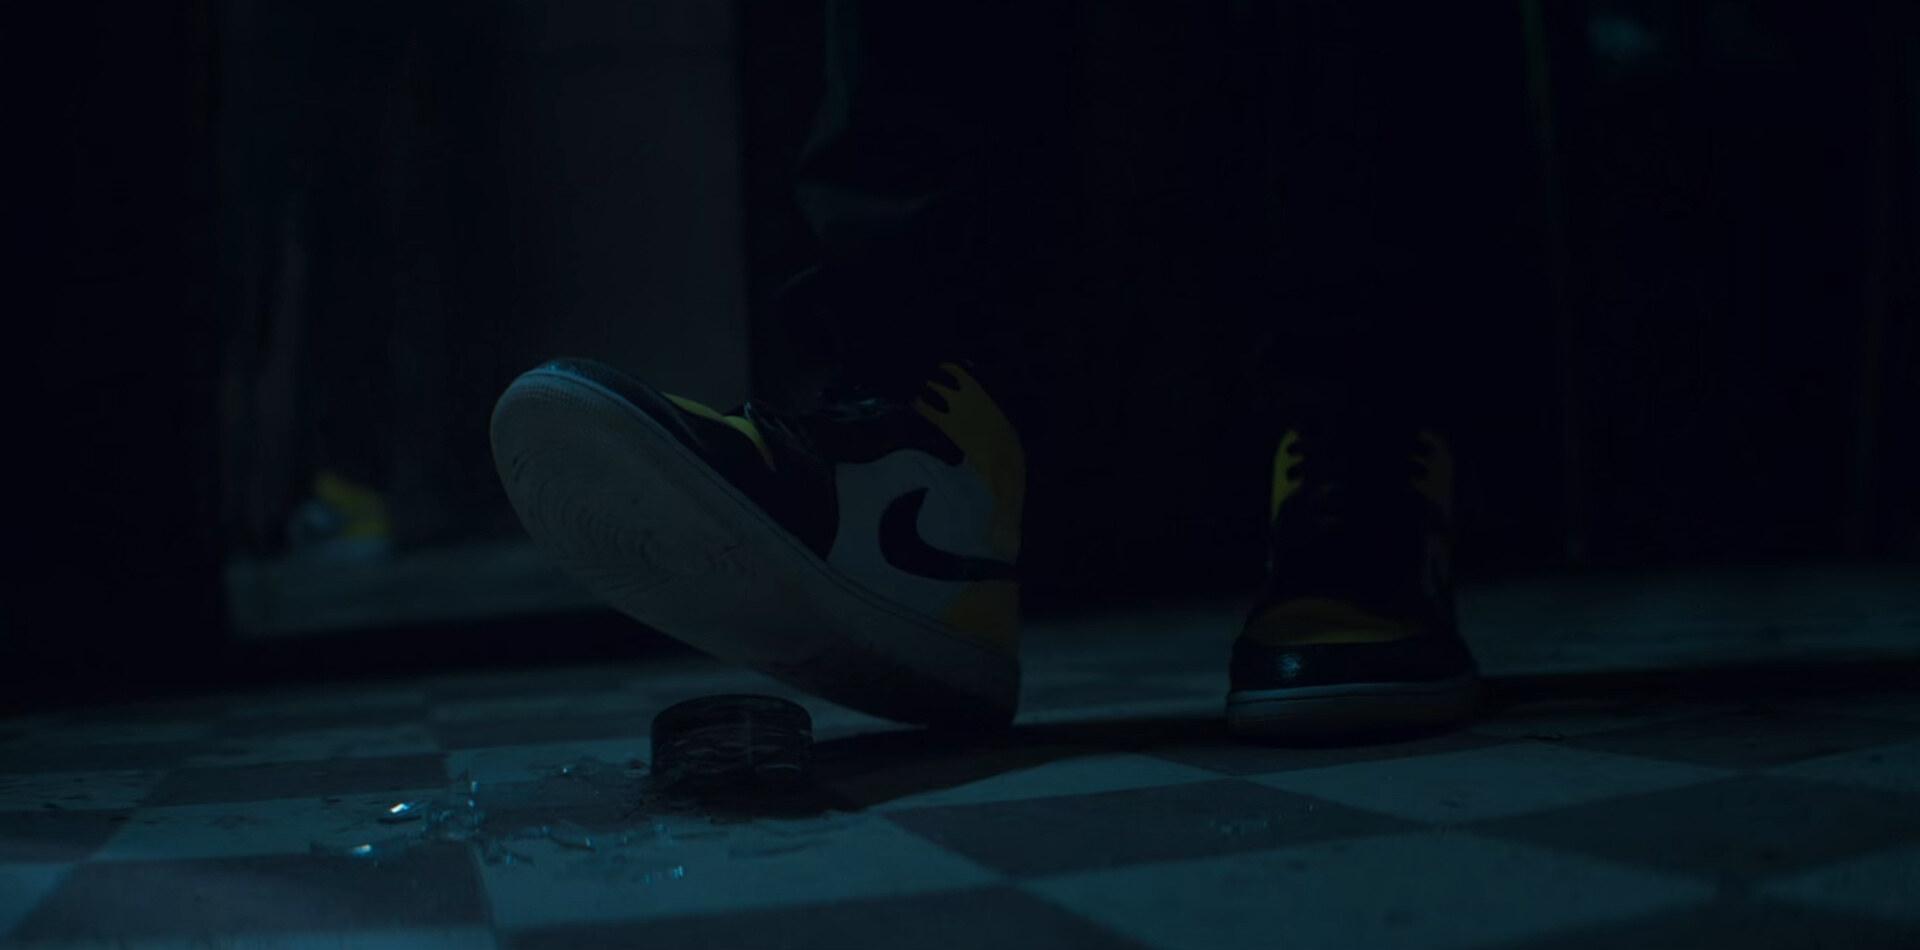 Lupin Netflix Parte 2 Air Jordan 1 Mid Yellow Toe